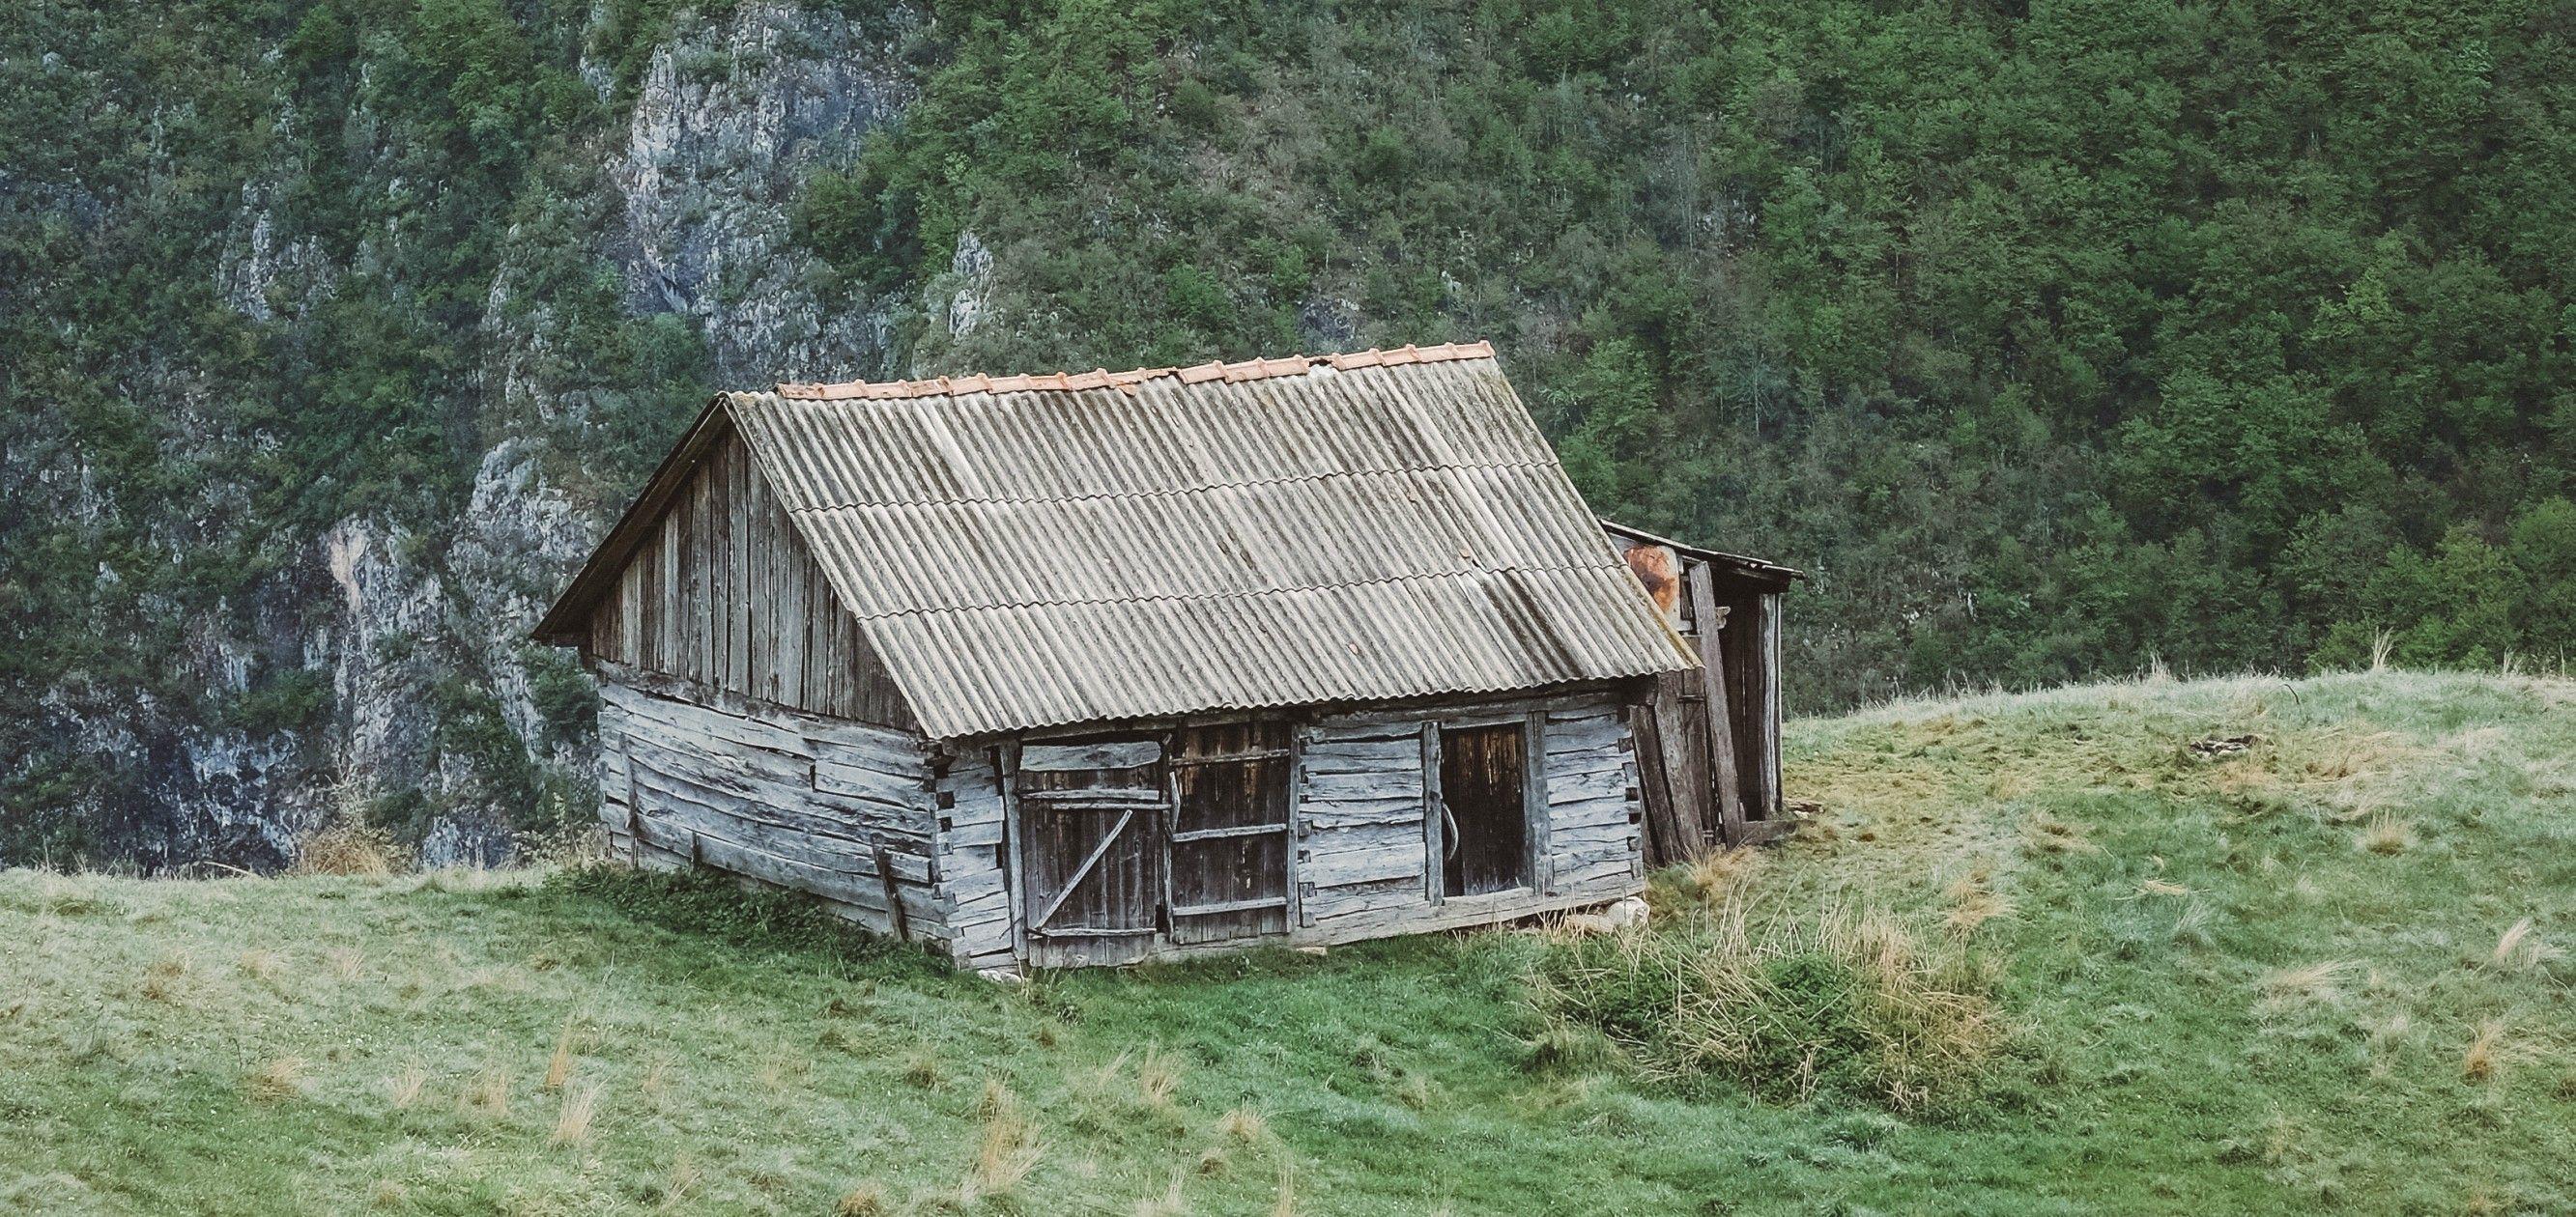 Gammel og falleferdig bygning